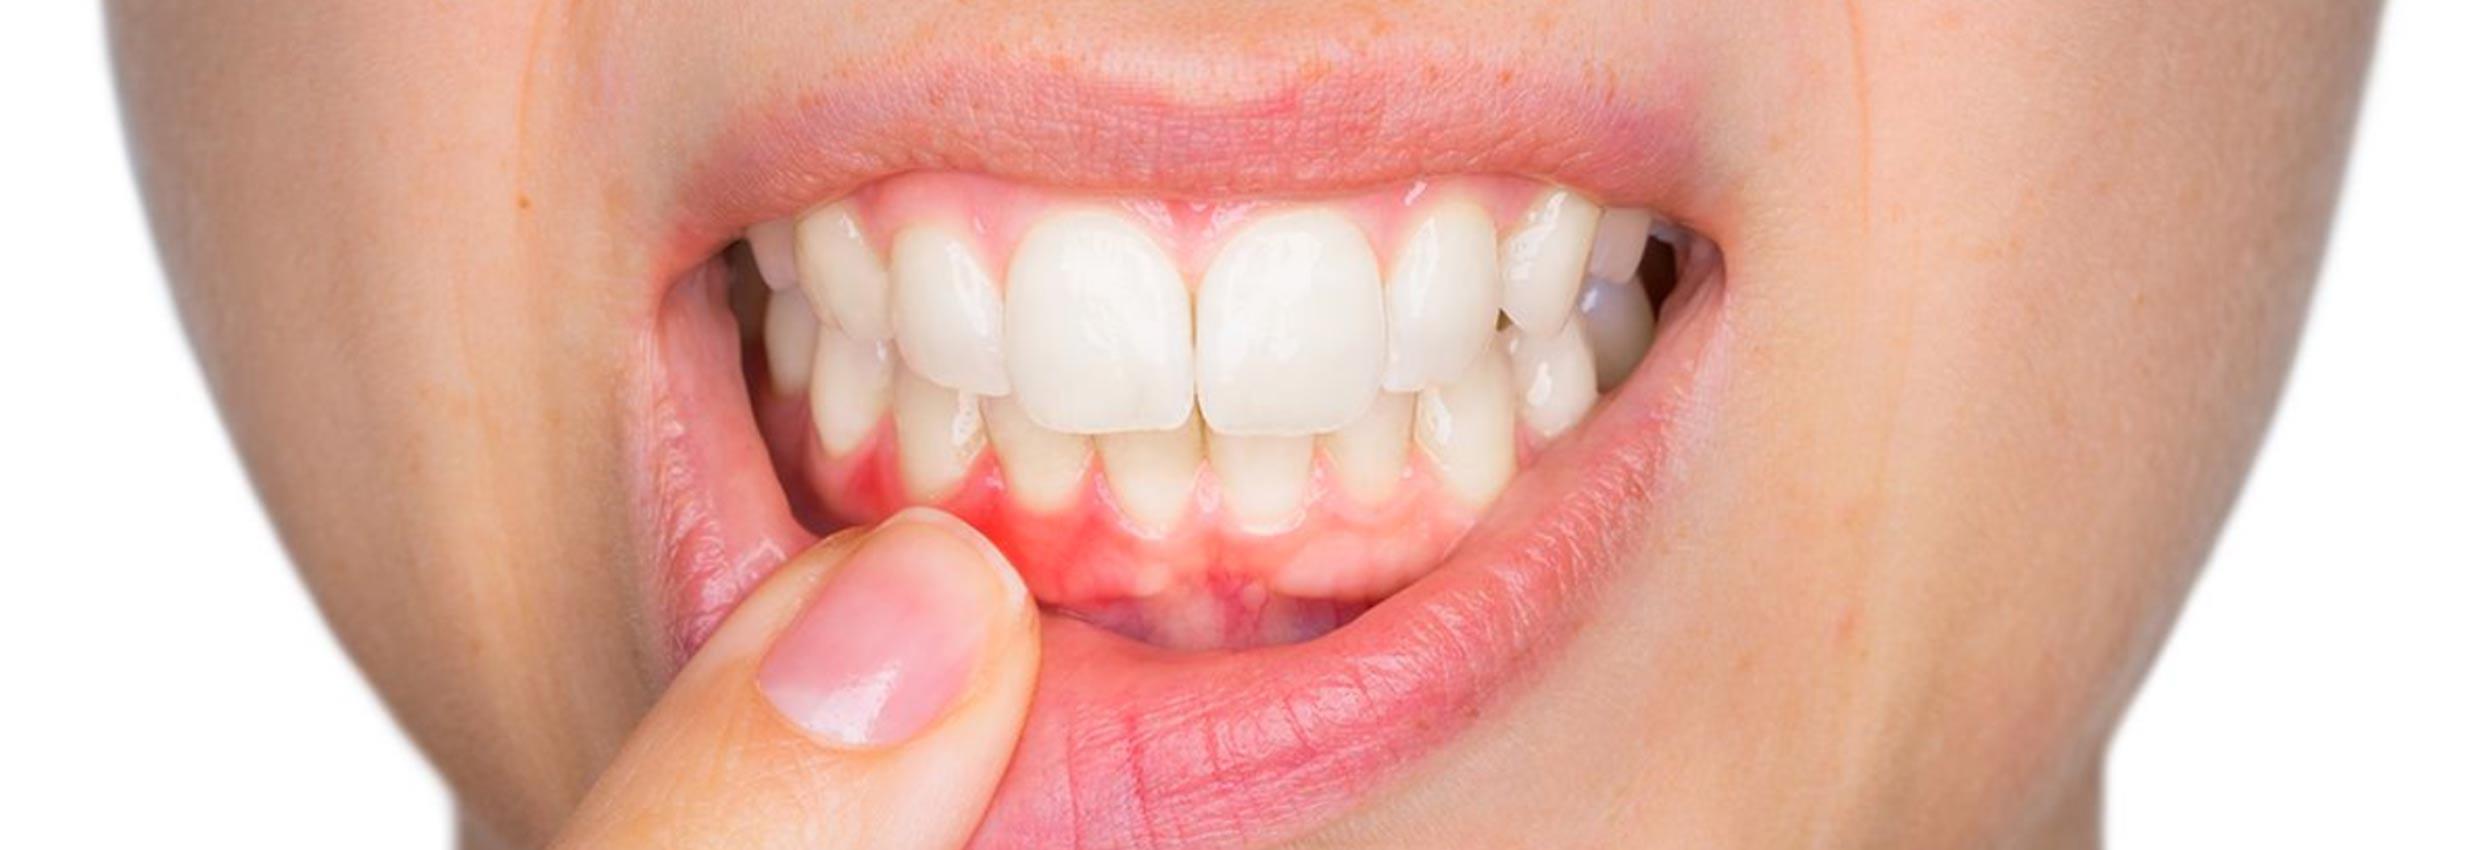 Parodontologia a Verona | Studio dentistico a Verona | Studio dentistico Muraro I